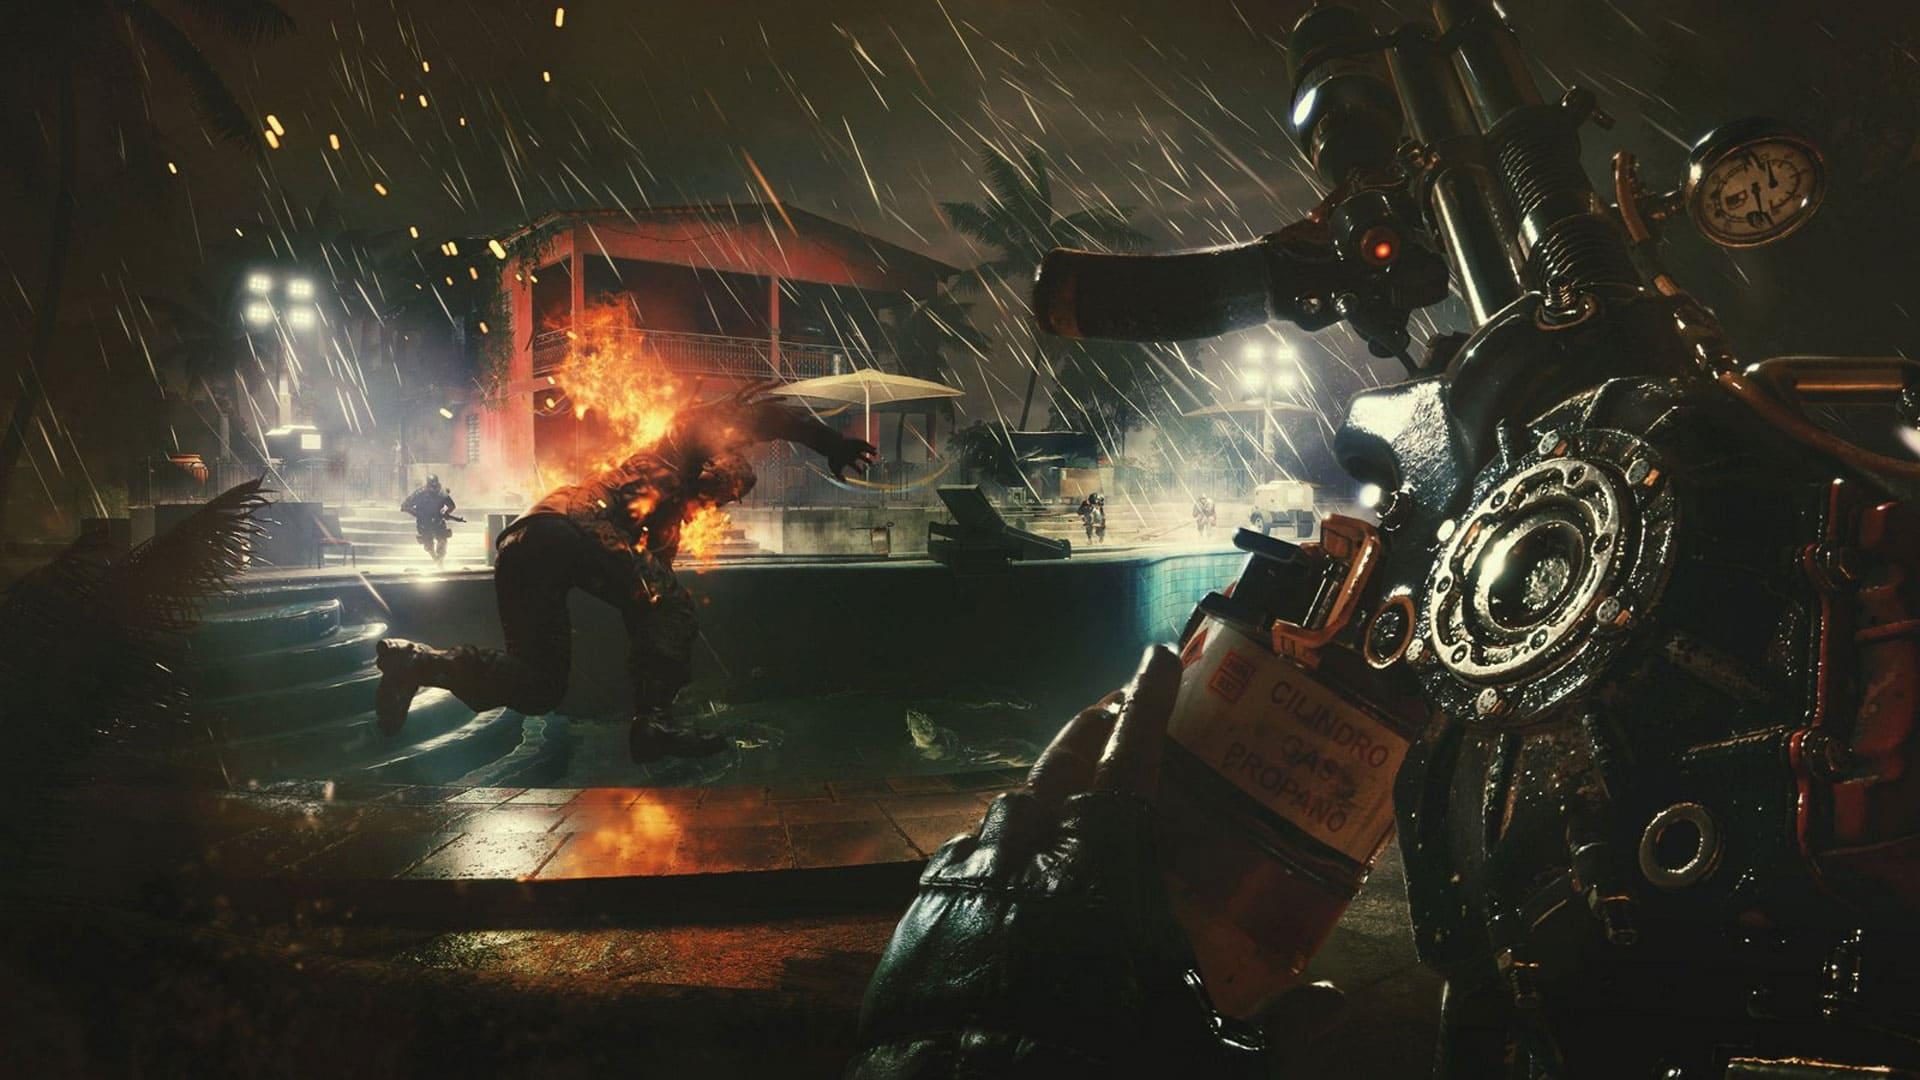 Imagem em primeira pessoa do jogo Far Cry 6 em um resort em uma área externa com chuva. Na parte direita da imagem o jogador segura um lança-chamas improvisado e na esquerda uma pessoa ferida pelas chamas